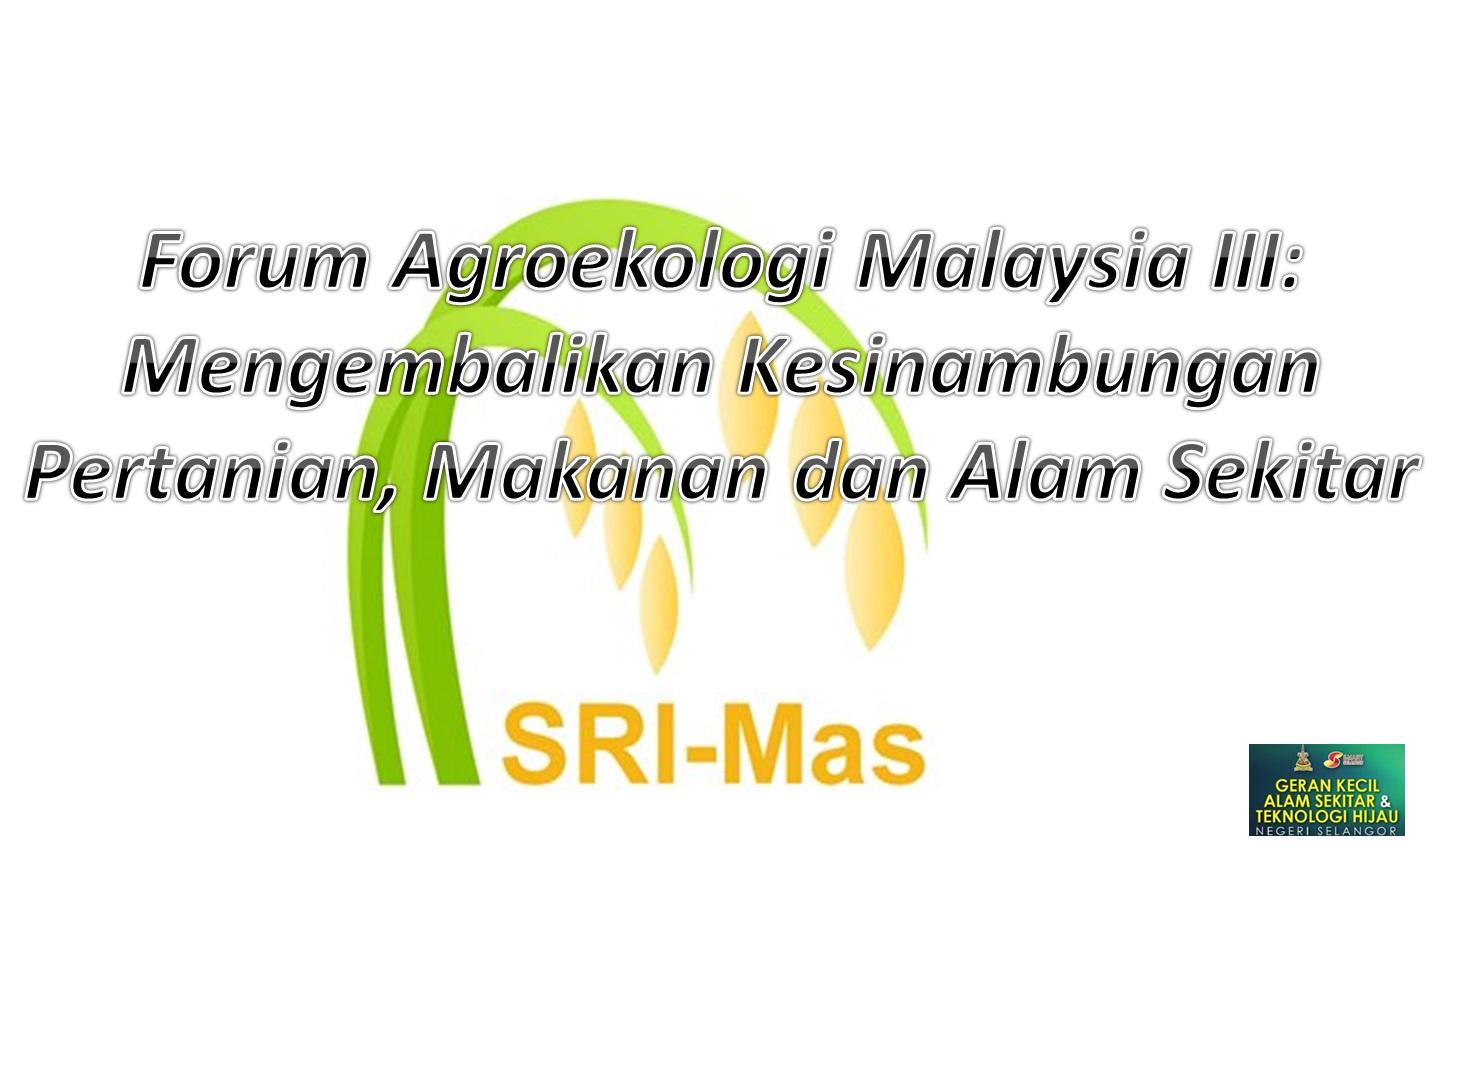 Forum AgroekologiIII Latest